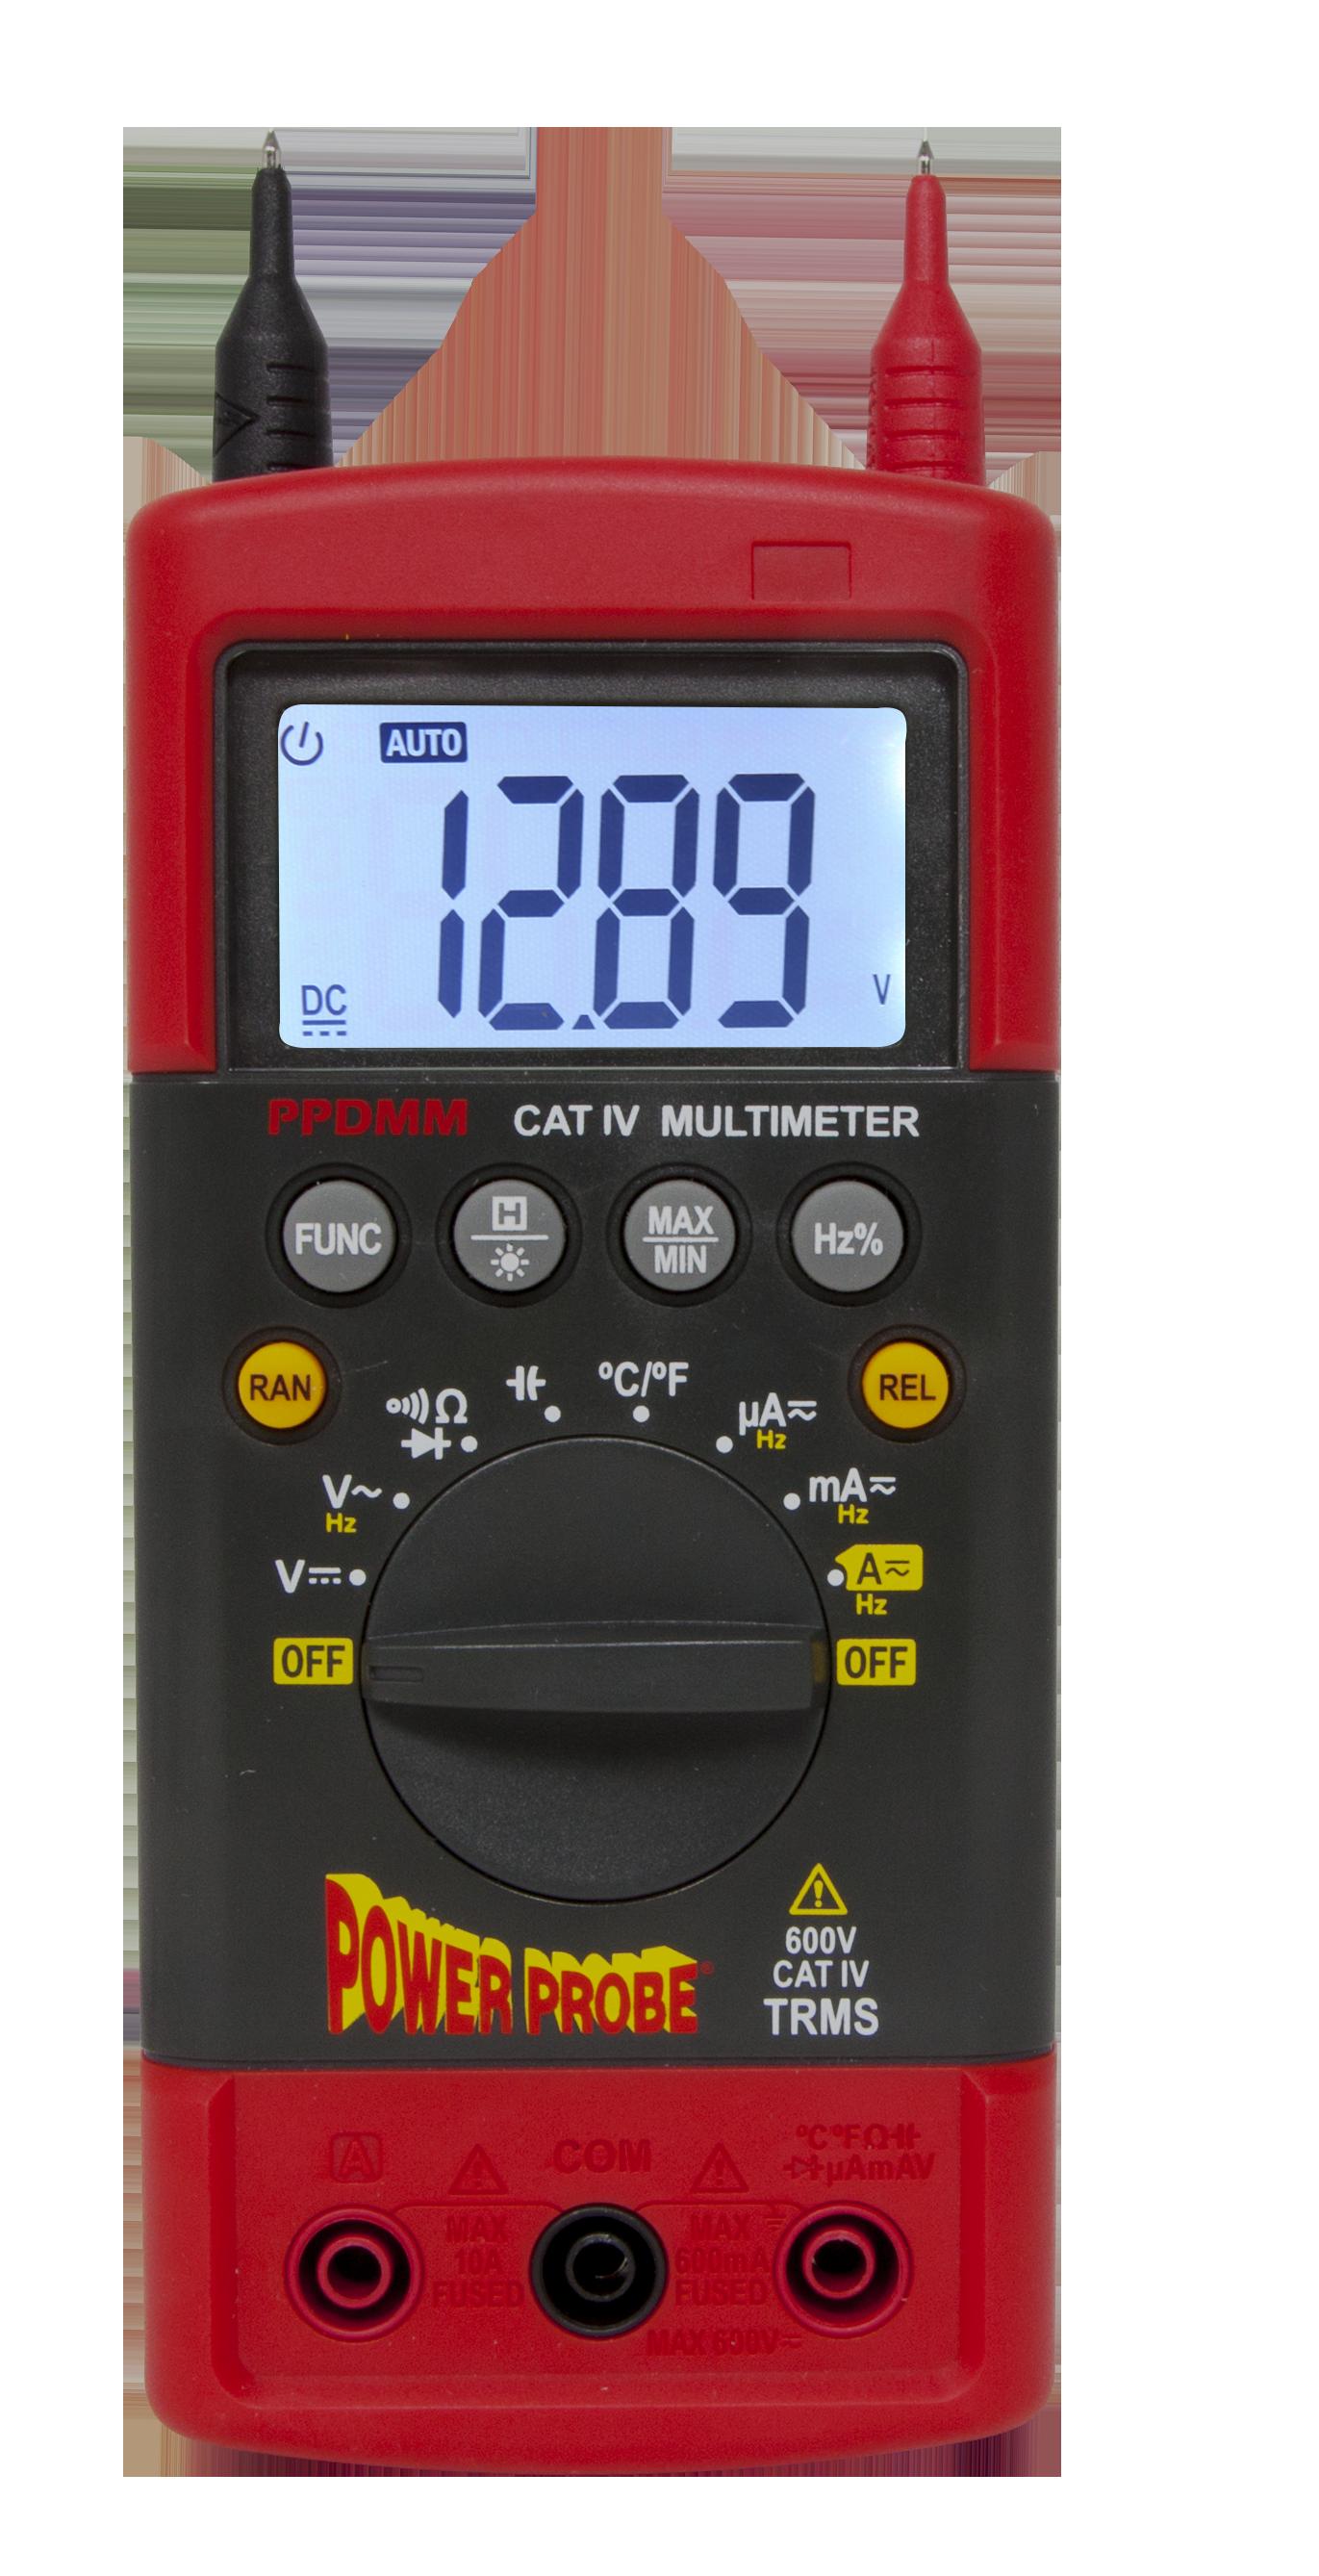 Current Probe For Multimeter : Amazon power probe cat iv digital multimeter ppdmm